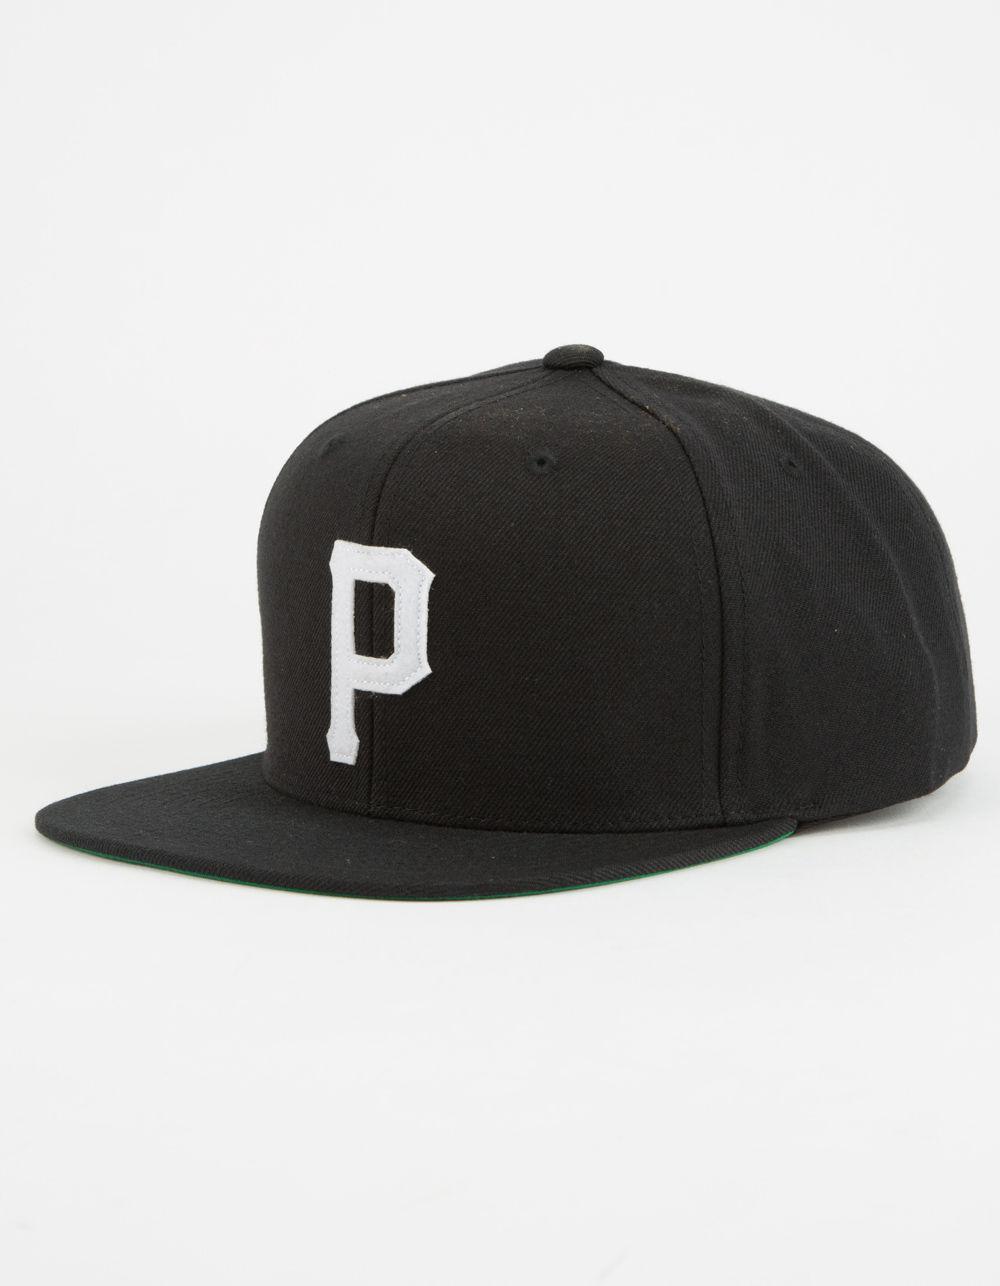 15a57aae0af Lyst - Primitive Primitive Slab P Mens Snapback Hat in Black for Men